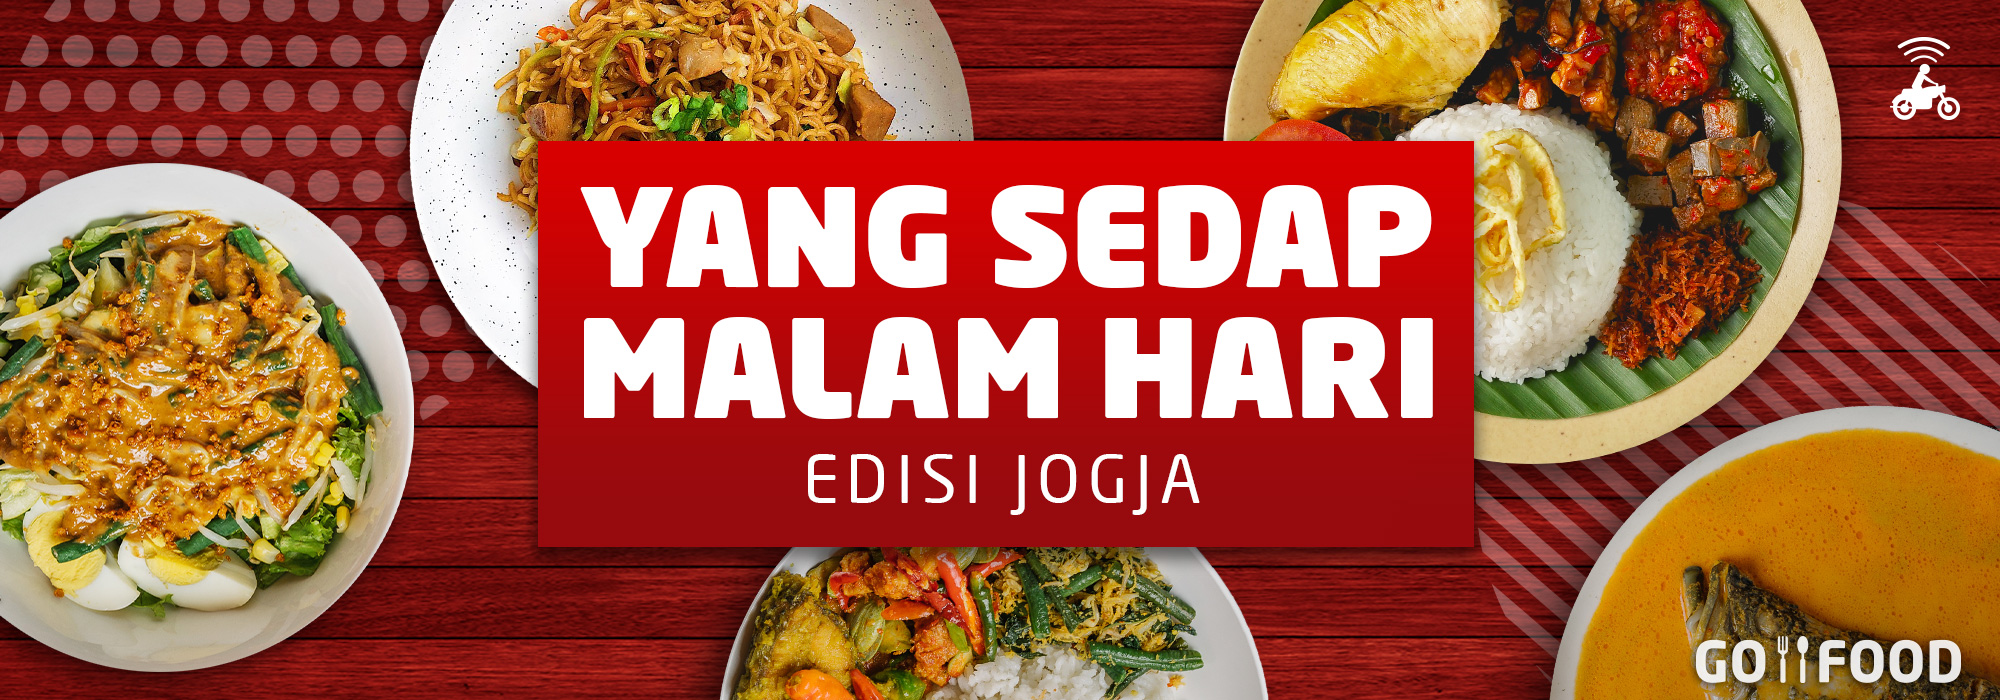 5 Kuliner Jogja Malam Untuk Pemadam Kelaparan Di Saat Malam Gofood